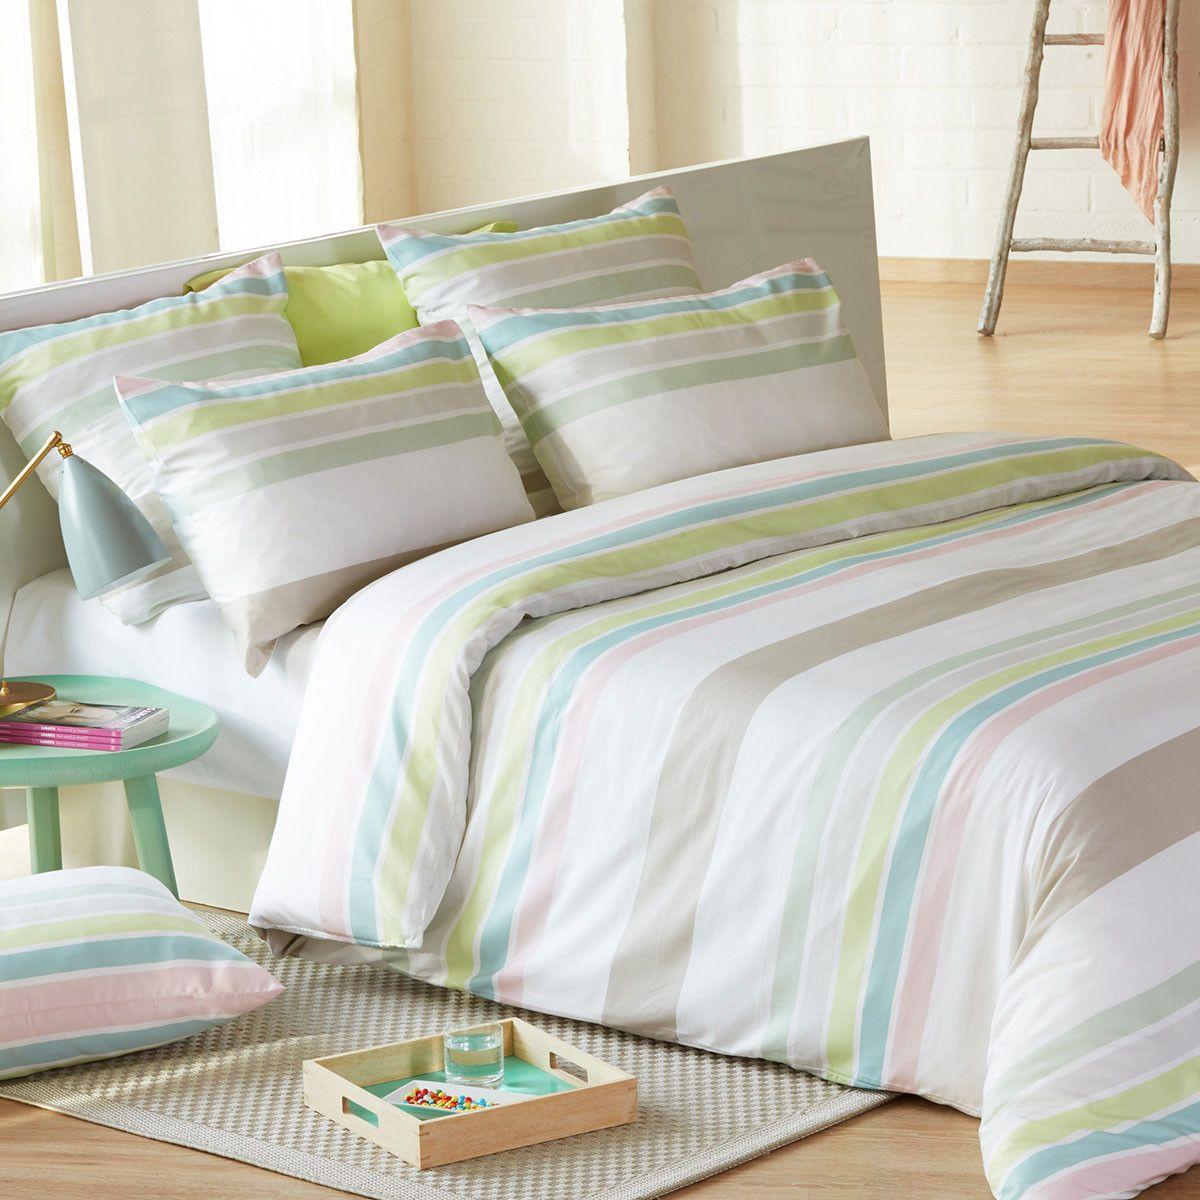 stripeslaf mako satin bettw sche pinch mit rei verschluss. Black Bedroom Furniture Sets. Home Design Ideas